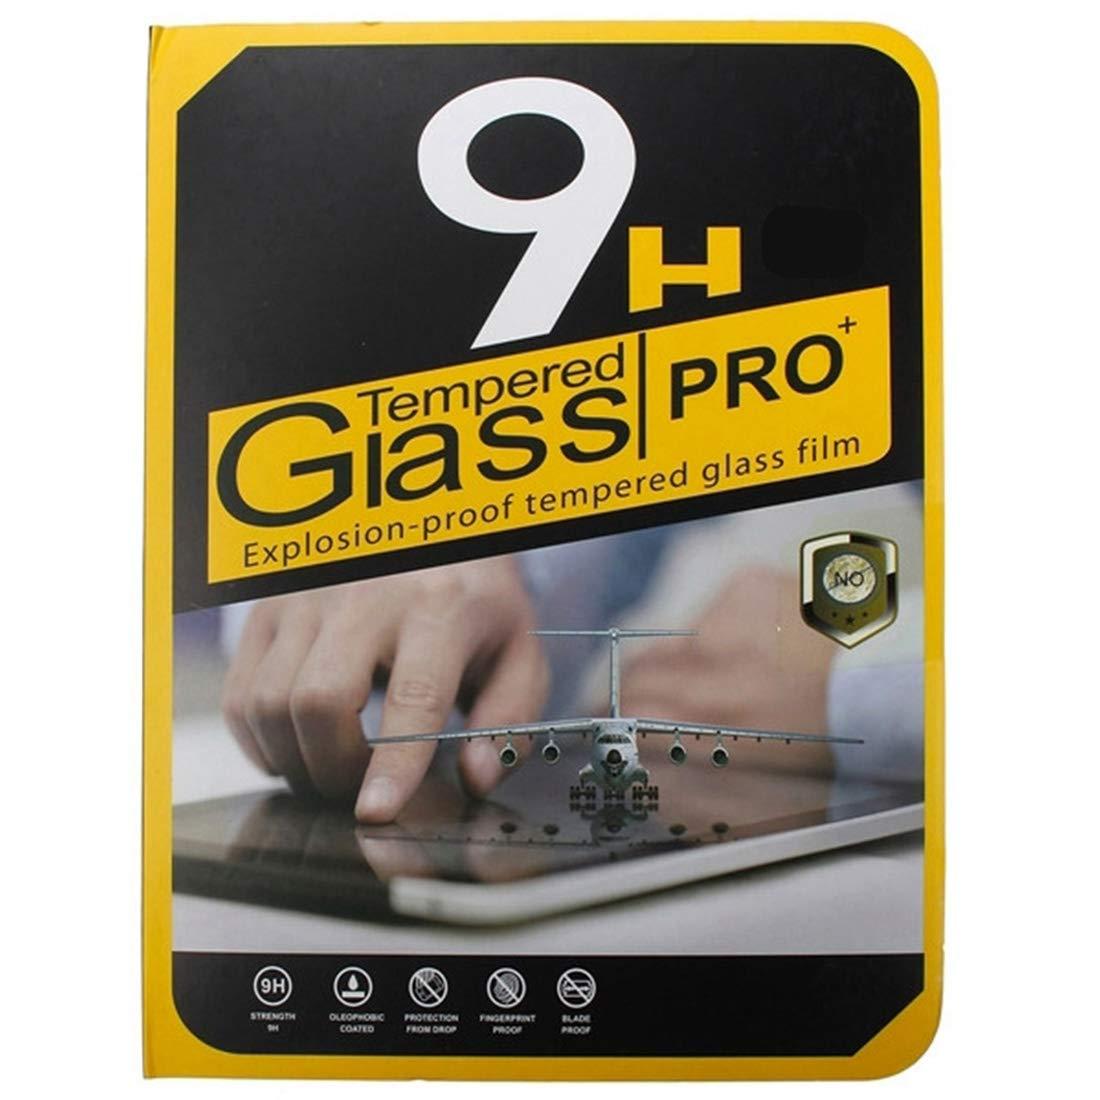 新しいiPad 9.7 ( 2017 ) / iPad Air / Air 2 / Pro 9.7スクリーンプロテクター、H & T 0.3 MM 9h飛散防止bubble-free強化ガラススクリーンプロテクターfor New iPad 9.7 ( 2017 ) / iPad Air / Air 2 / Pro 9.7インチ、2パック   B01FP19BNK